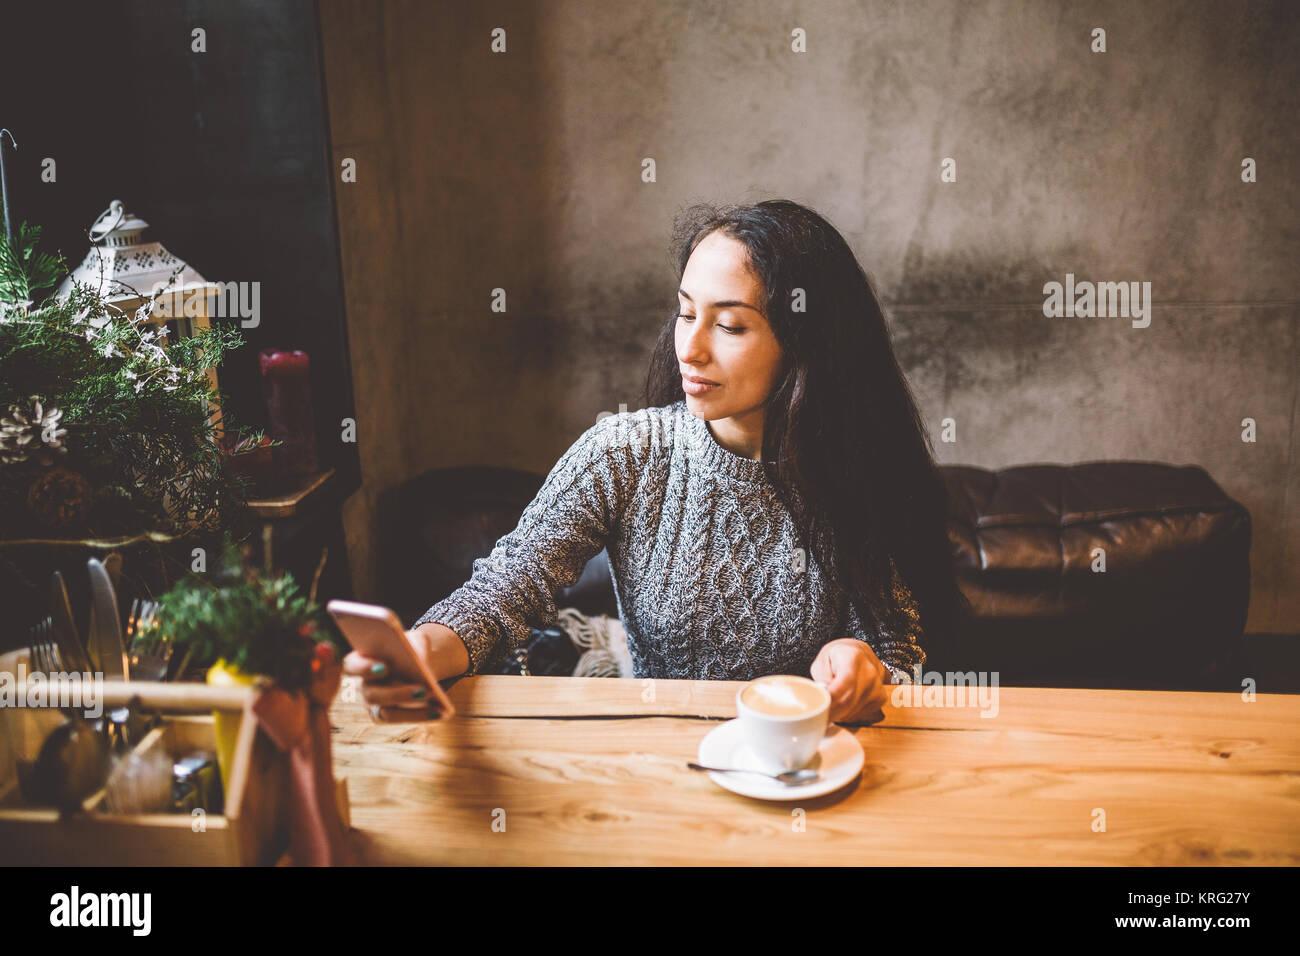 Belle jeune fille utilise, les types de texte sur un téléphone mobile à une table en bois près Photo Stock